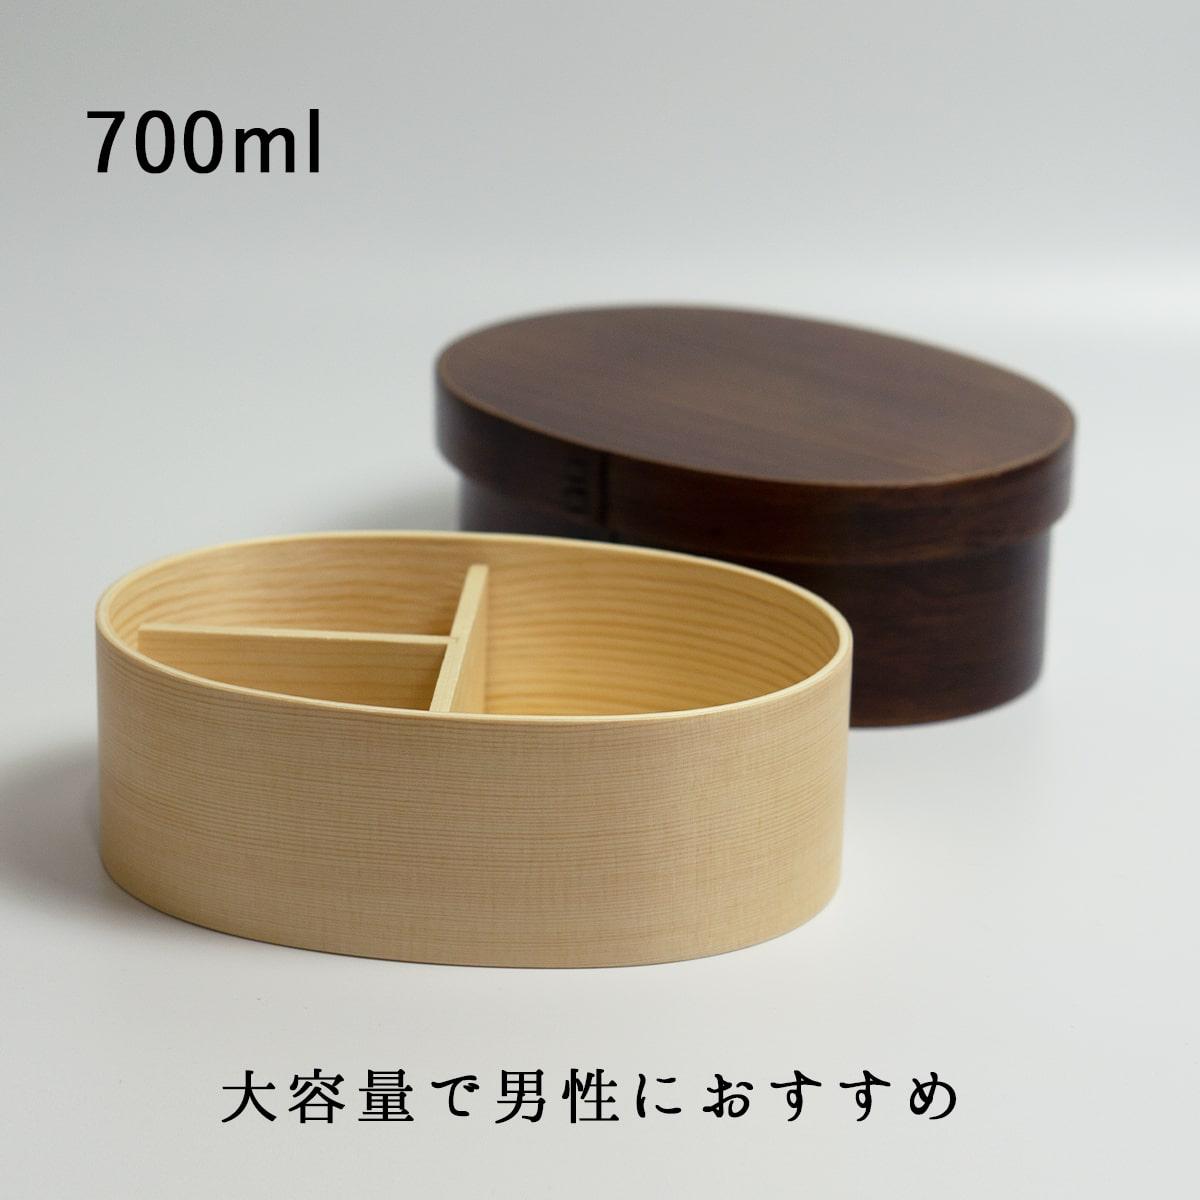 うるしギャラリー久右衛門(urushi gallery kyuuemon) お試し曲げわっぱ 弁当箱 一段 700mlの商品画像8